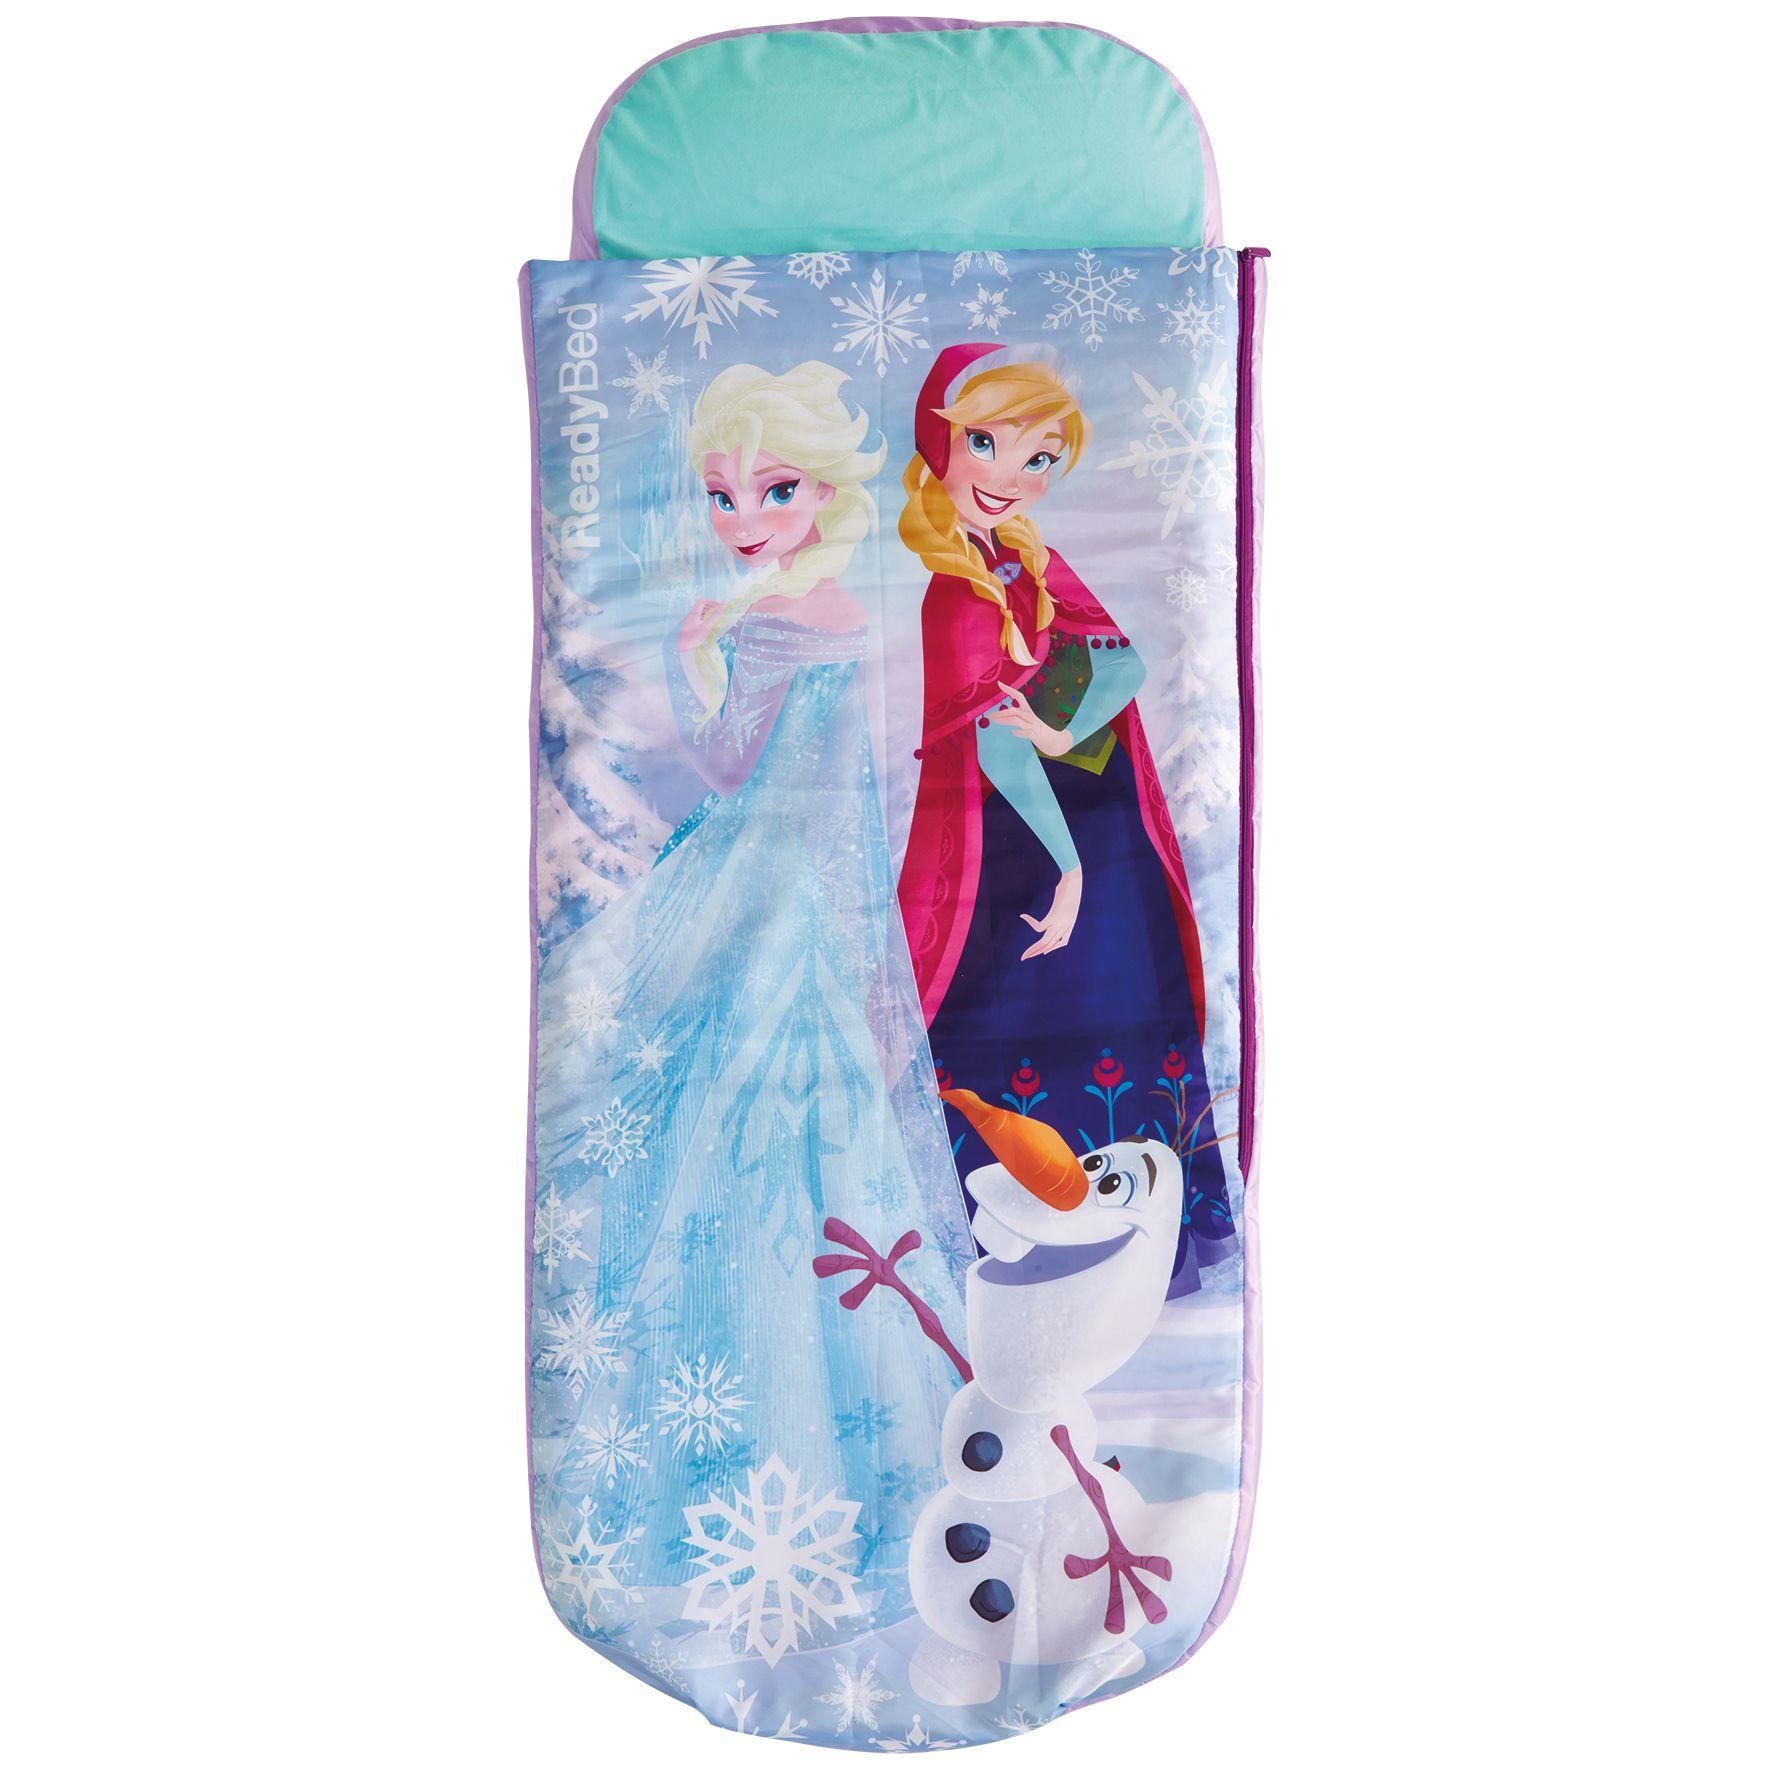 Disney frozen per bambini ready letto soluzione pigiama - Sacco letto per bambini ...